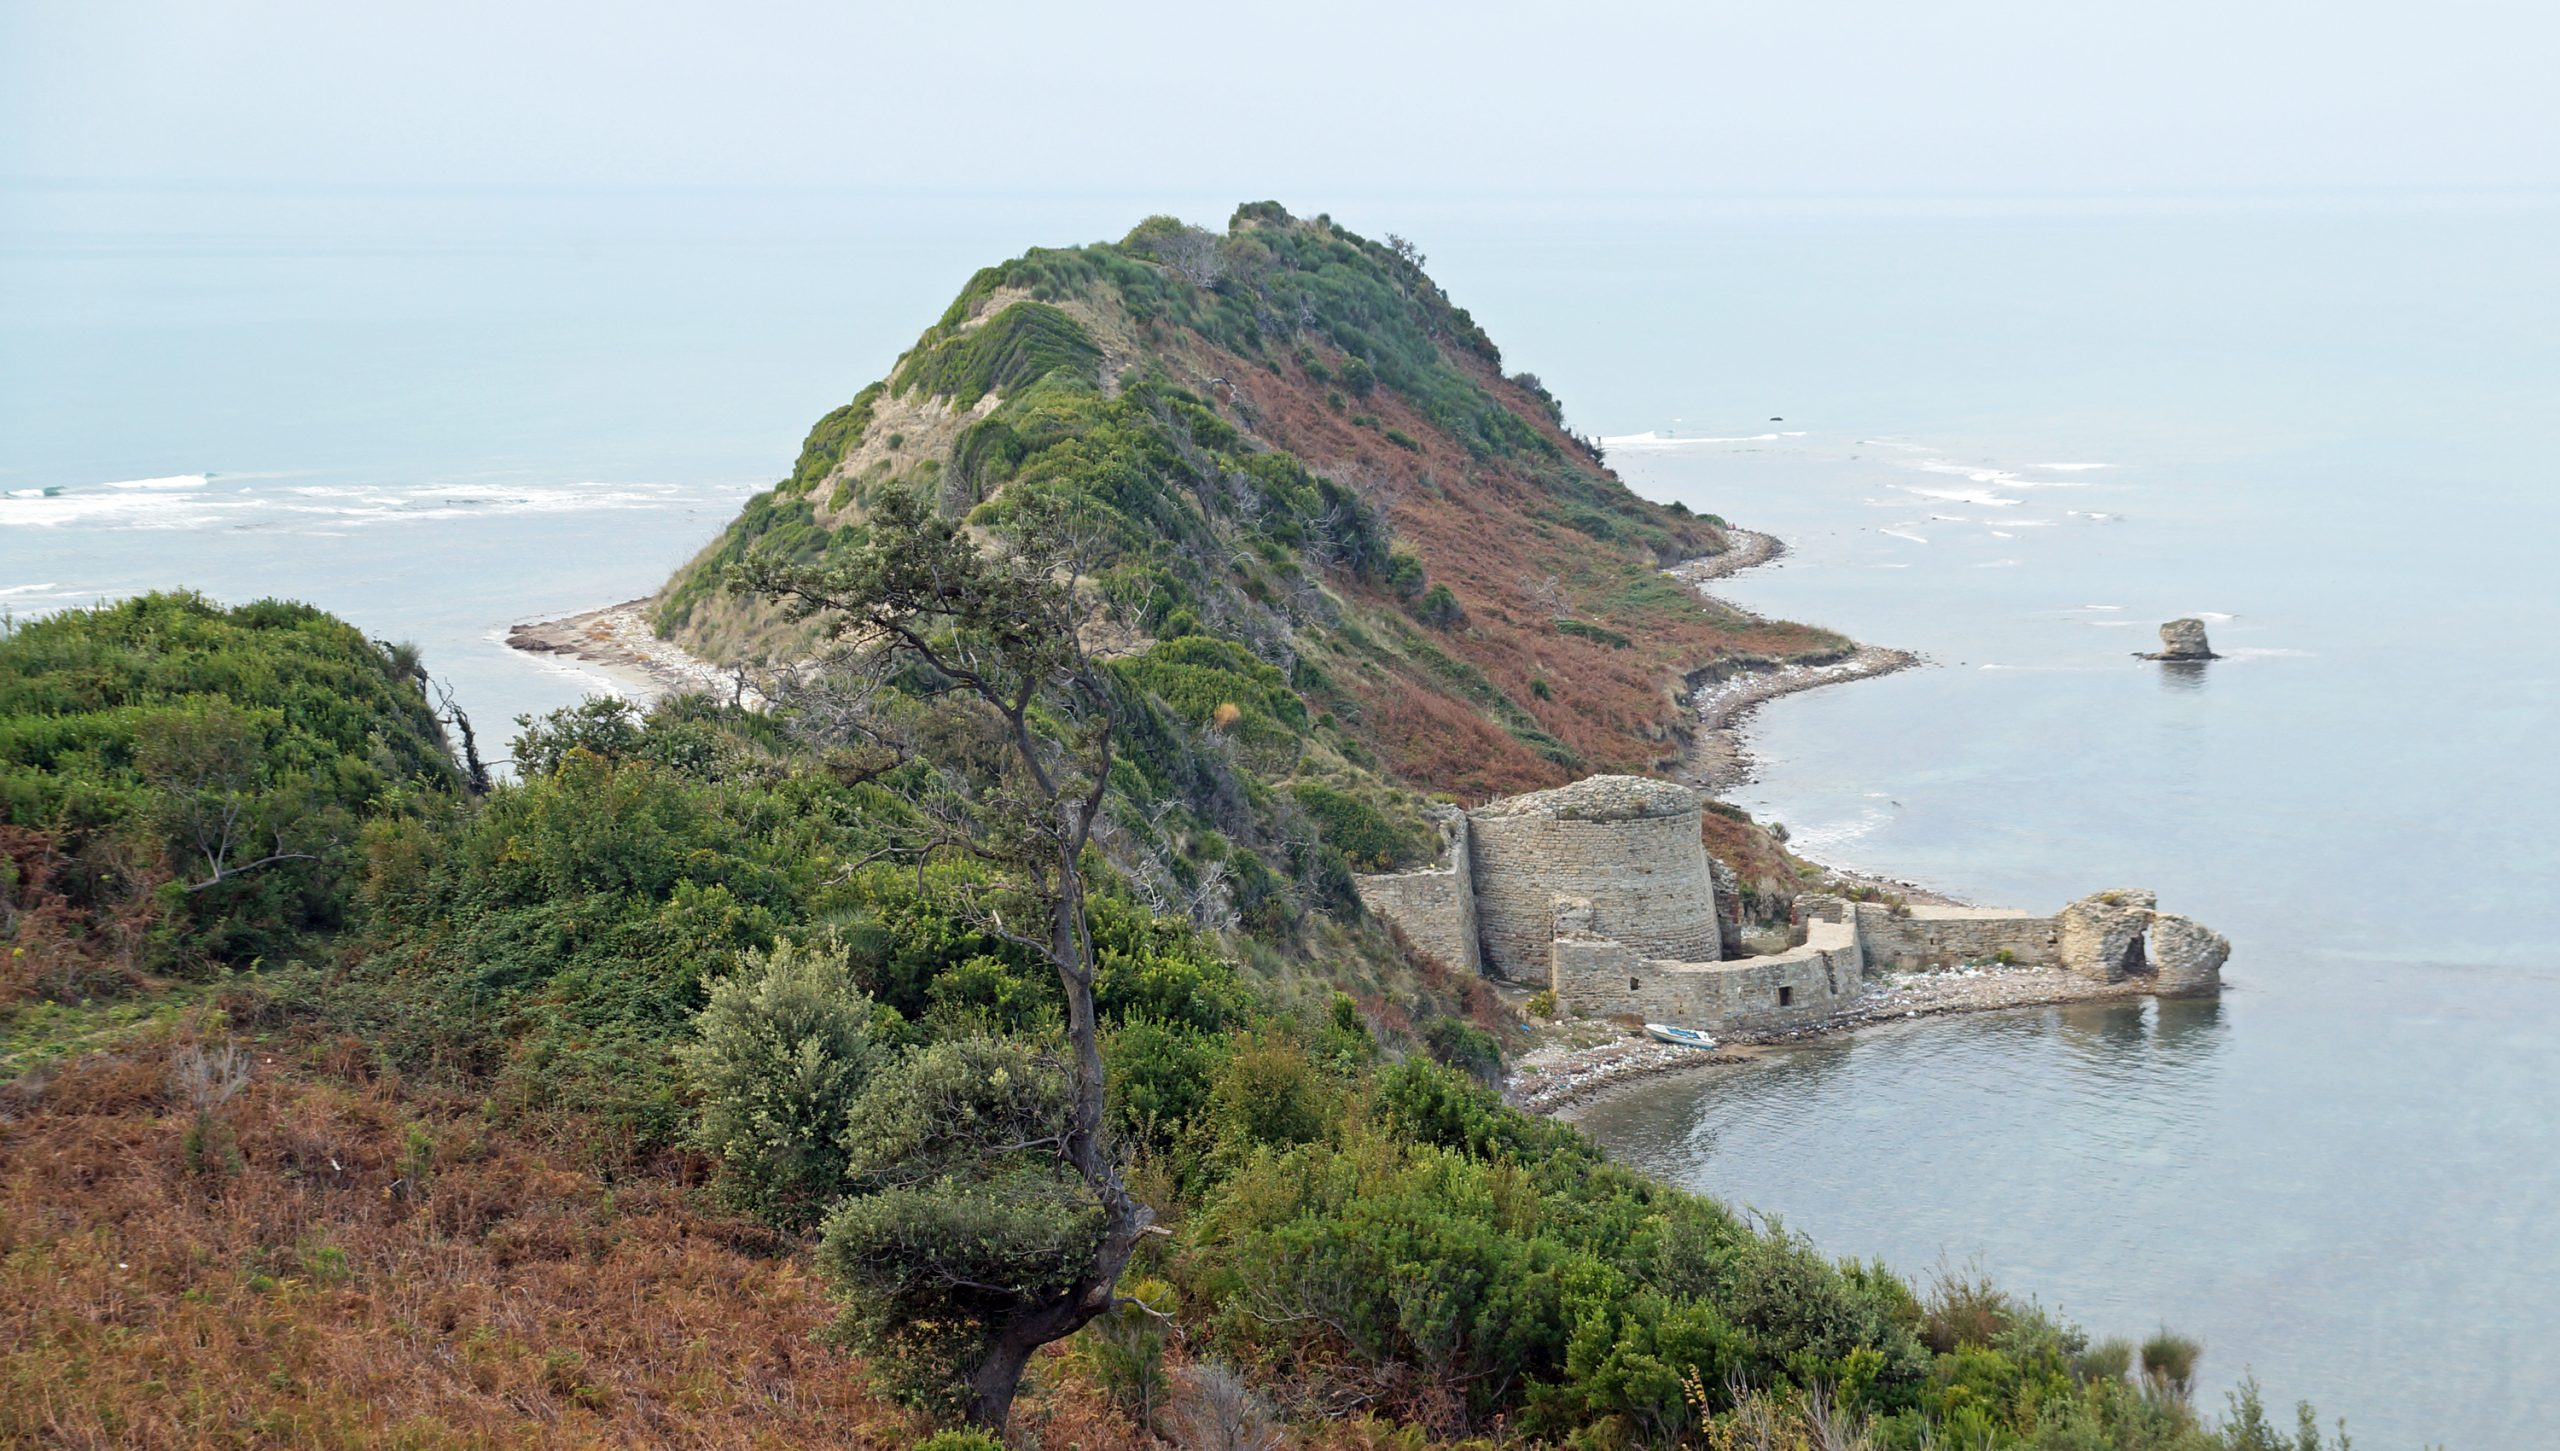 U ndërtua nga Skënderbeu mbi 500 vjet më parë, sot për të parë kalanë tek Kepi i Rodonit duhet të paguash privatin